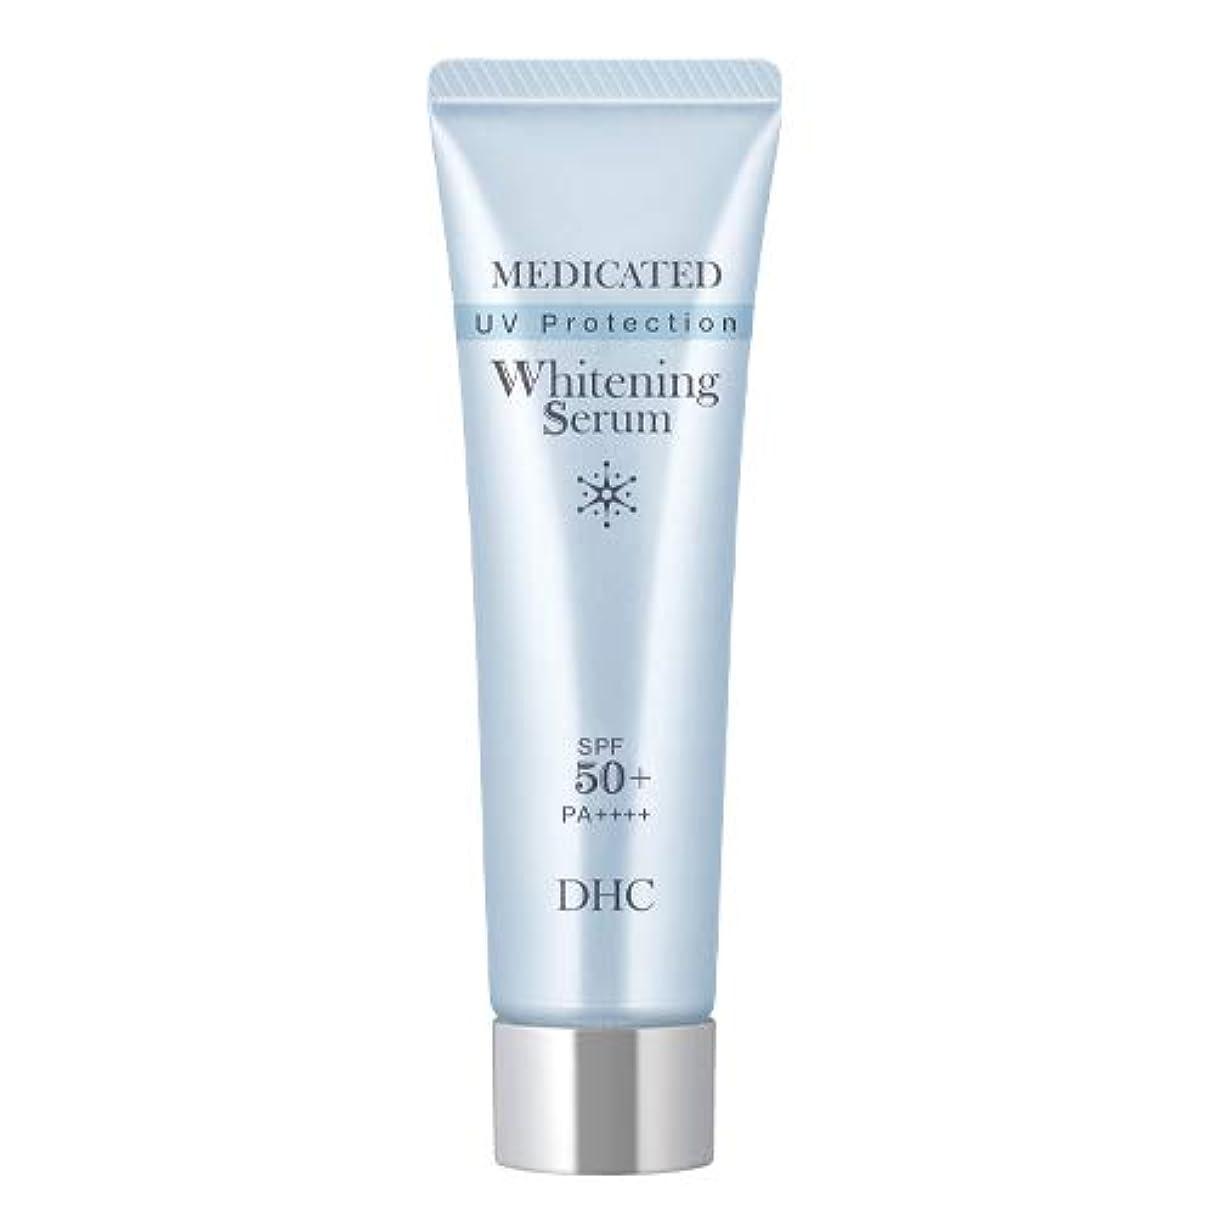 ボタンバンドプランテーションDHC薬用ホワイトニングセラム UV